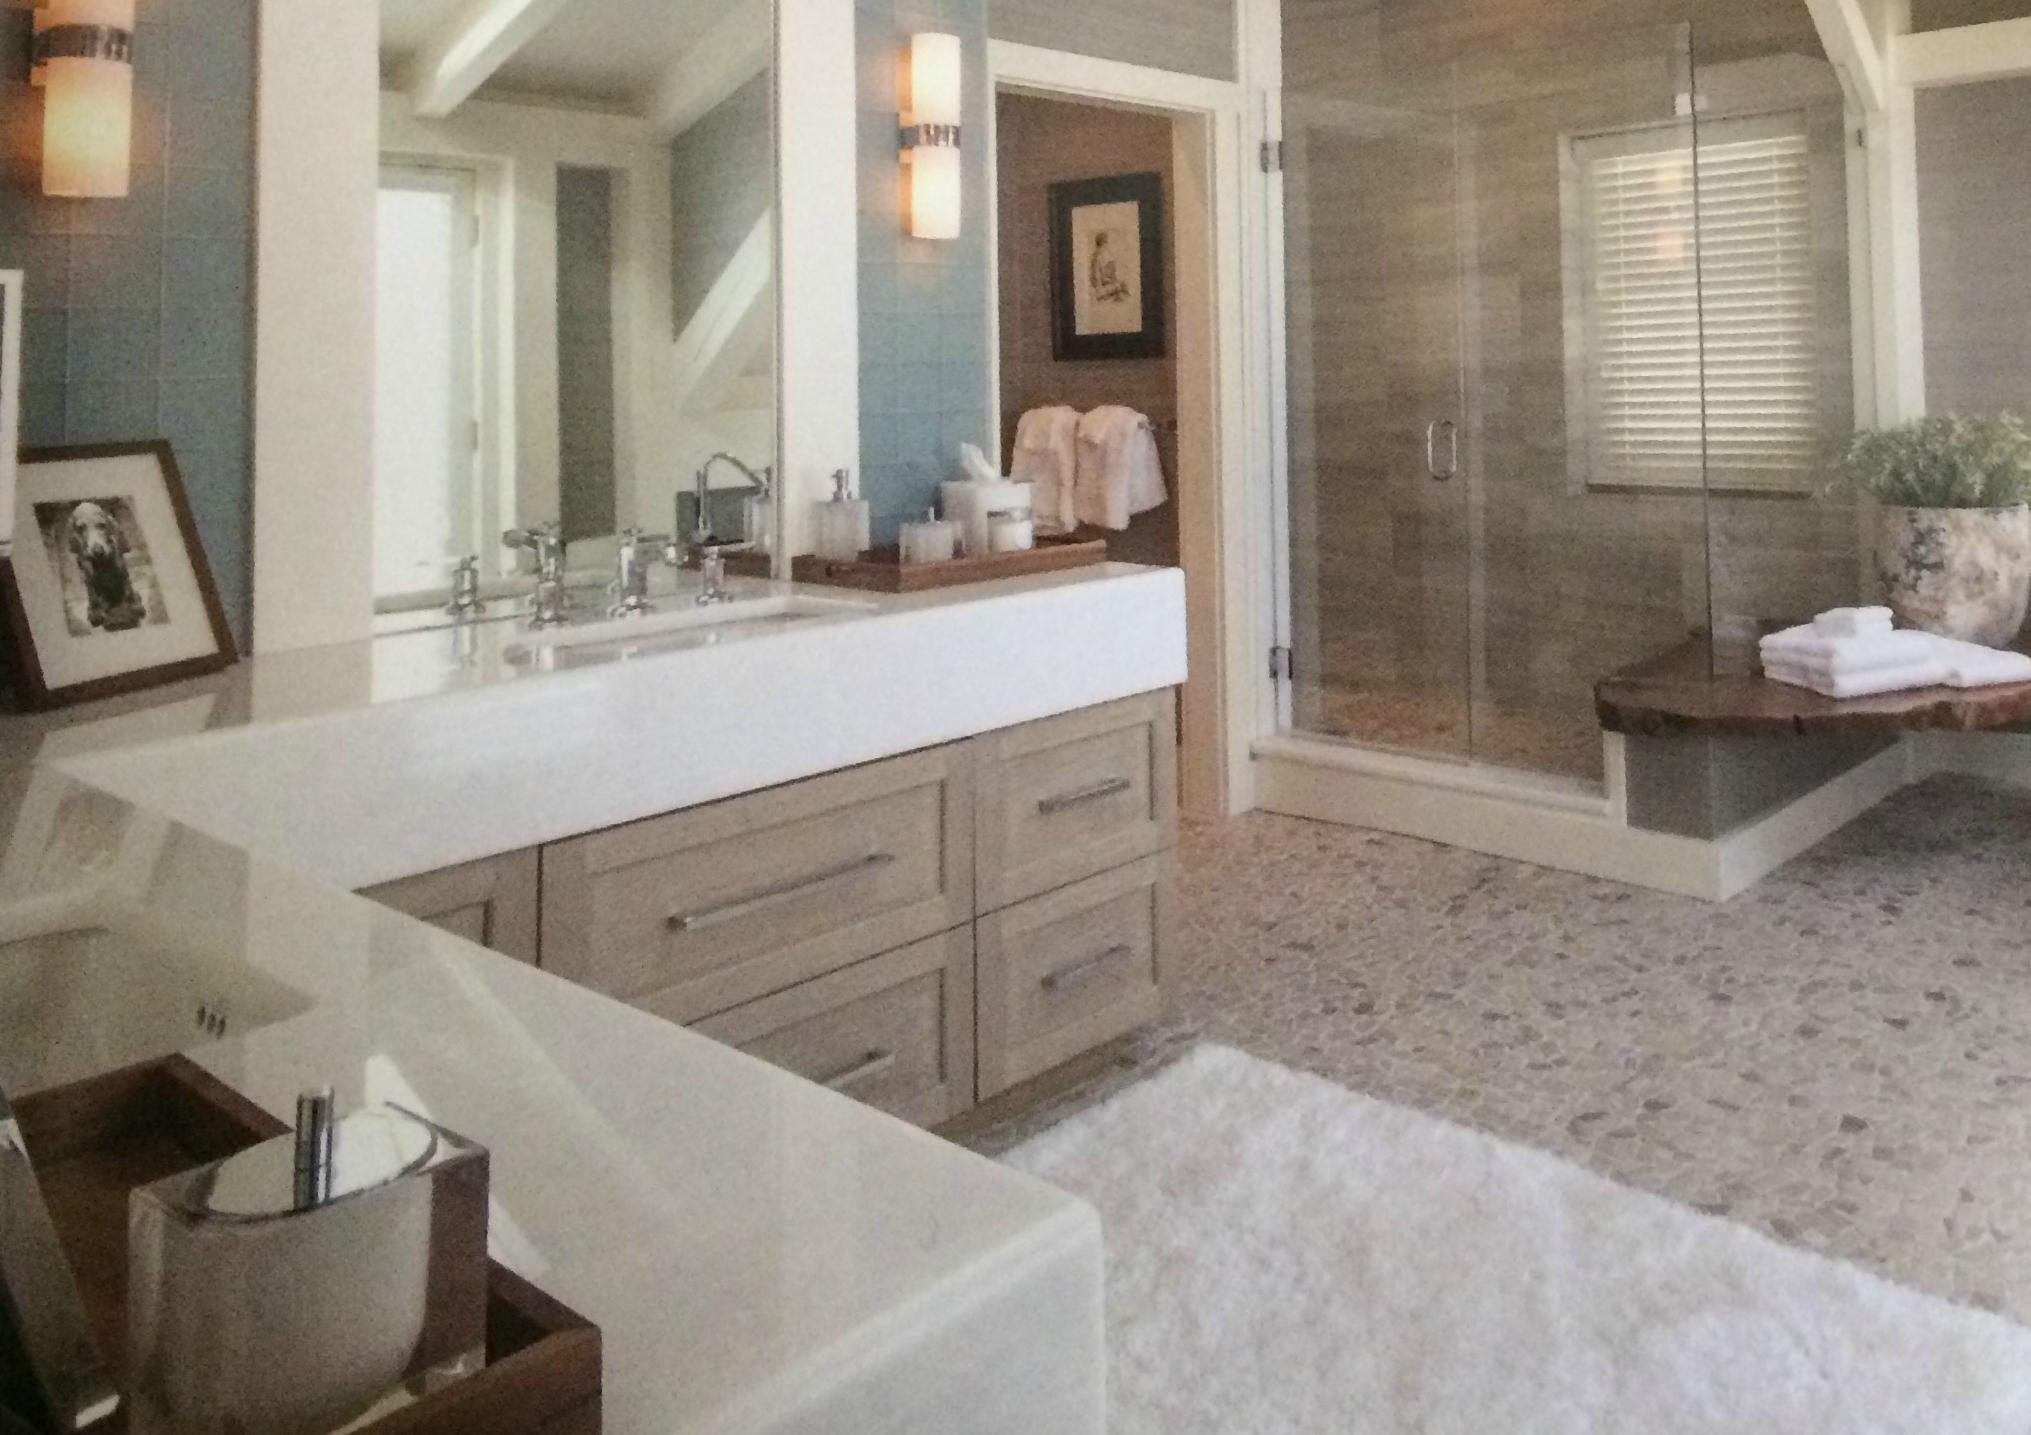 Bath cabinet details